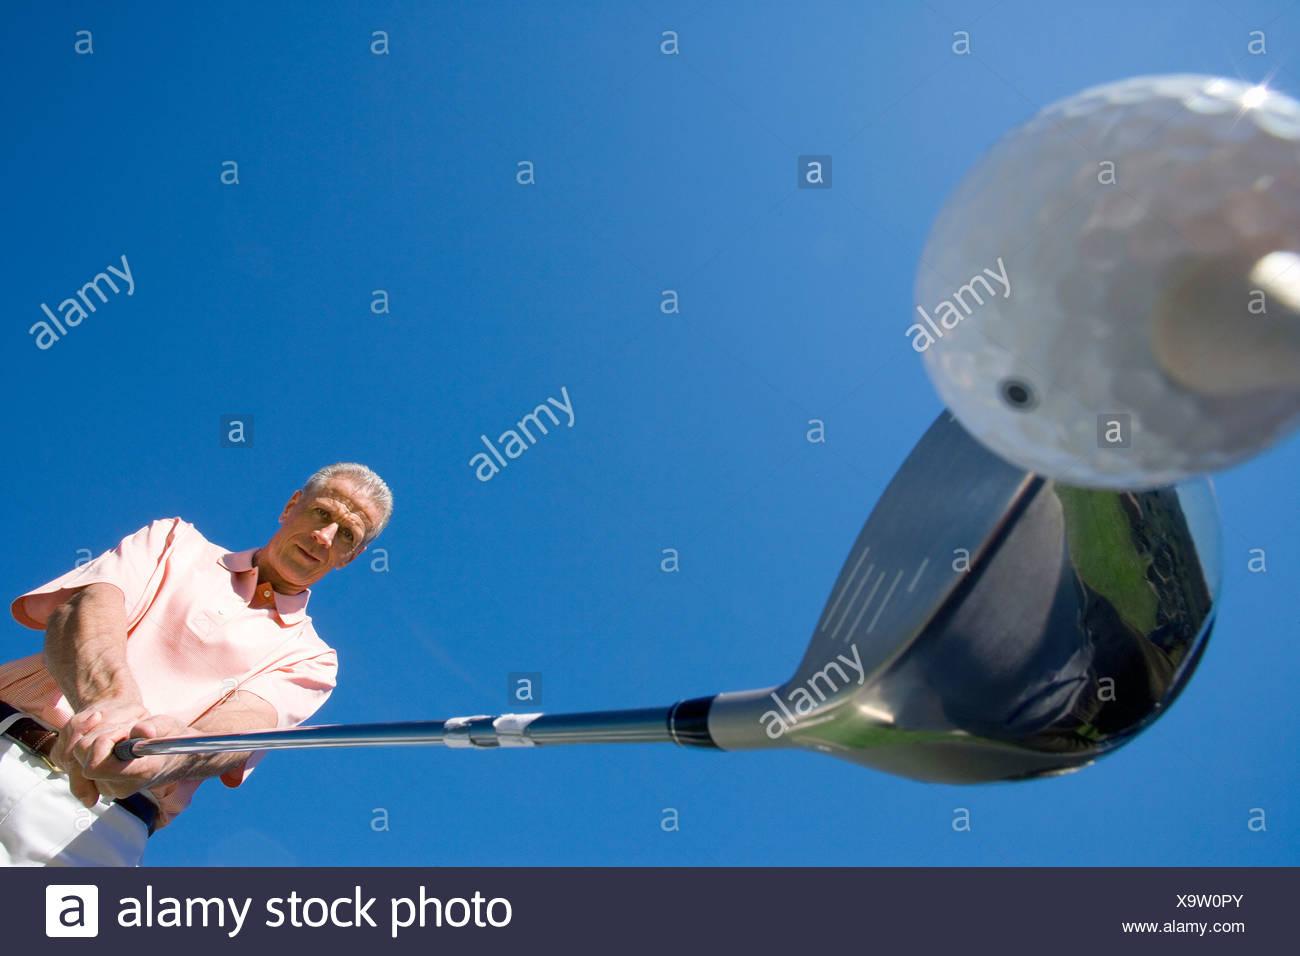 Reifer Mann Vorbereitung zum Abschlag am Golfplatz, mit Fahrer, Nahaufnahme, Blick nach oben Weitwinkel Stockbild